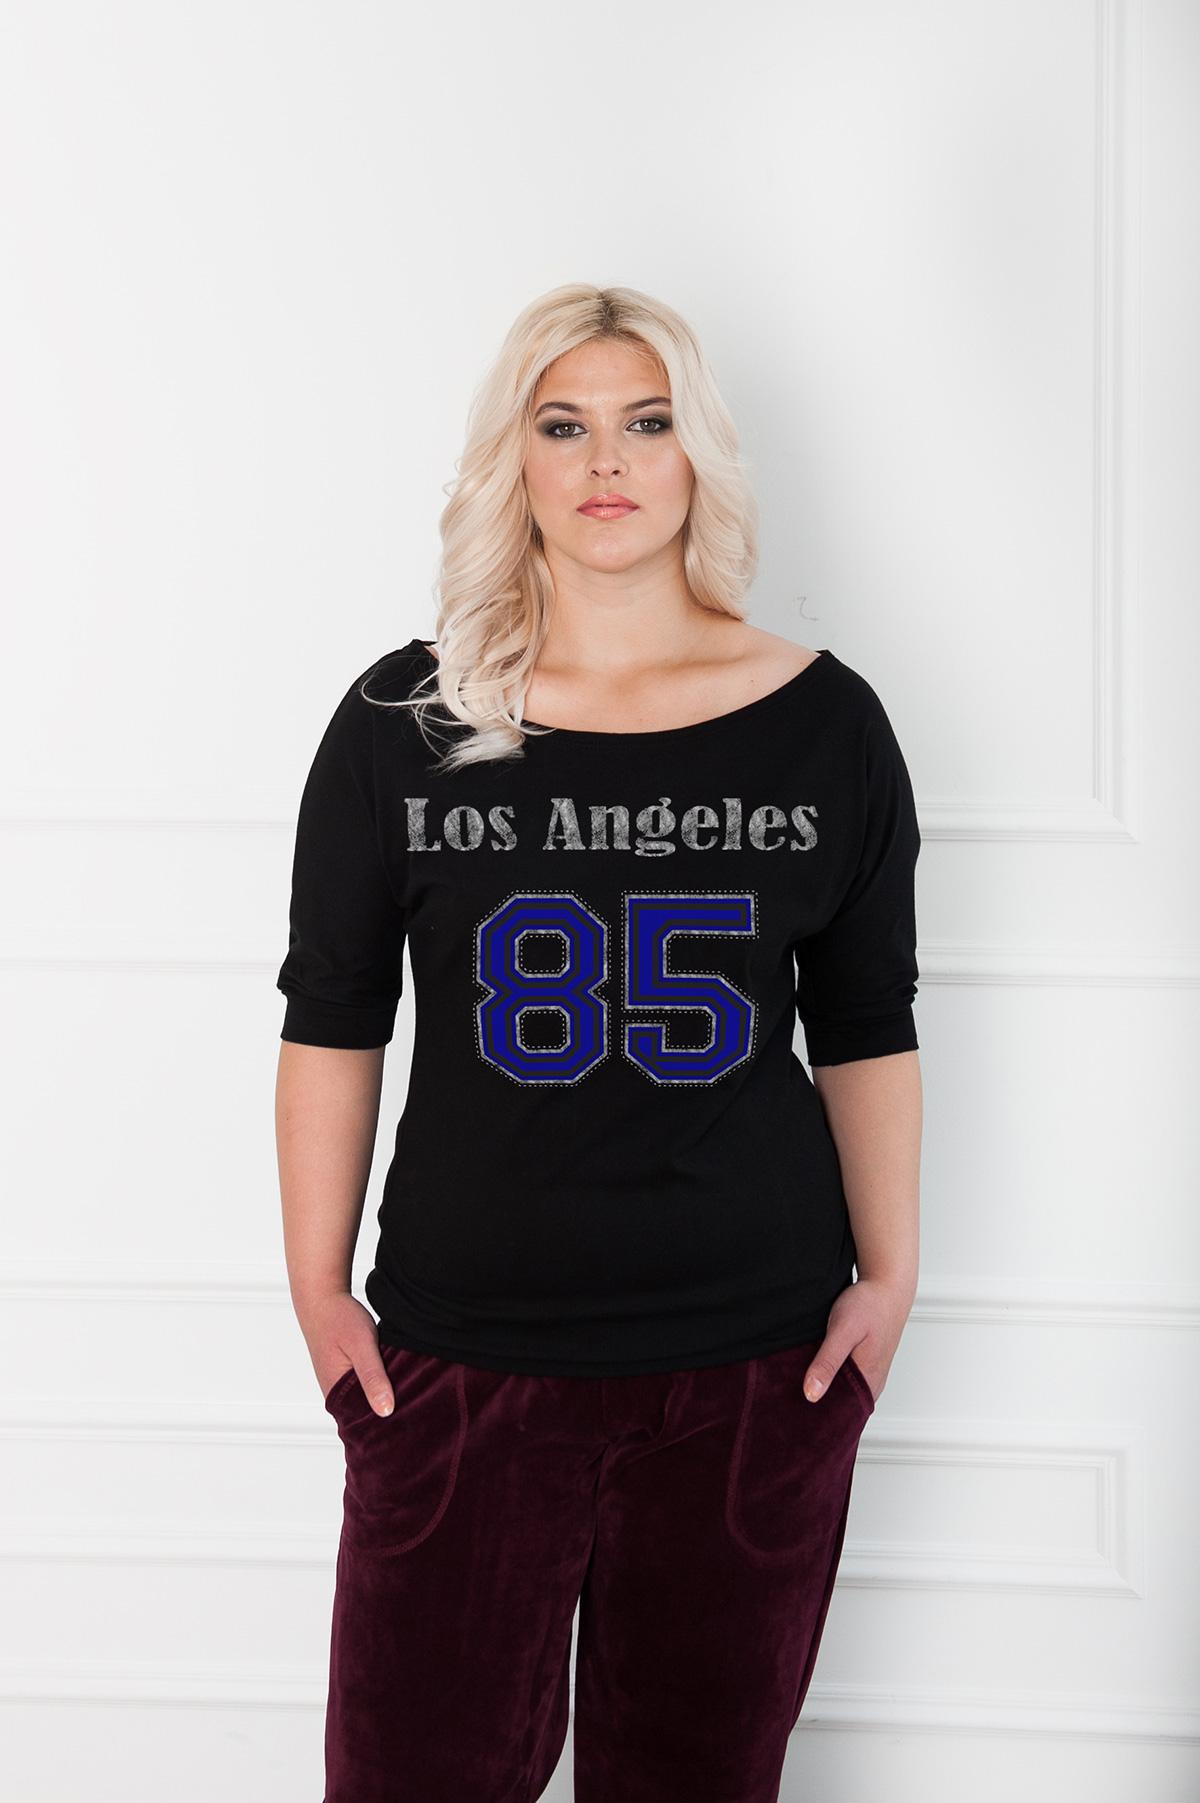 Жен. блуза  Модная  Черный р. 54 - Женская одежда артикул: 30533